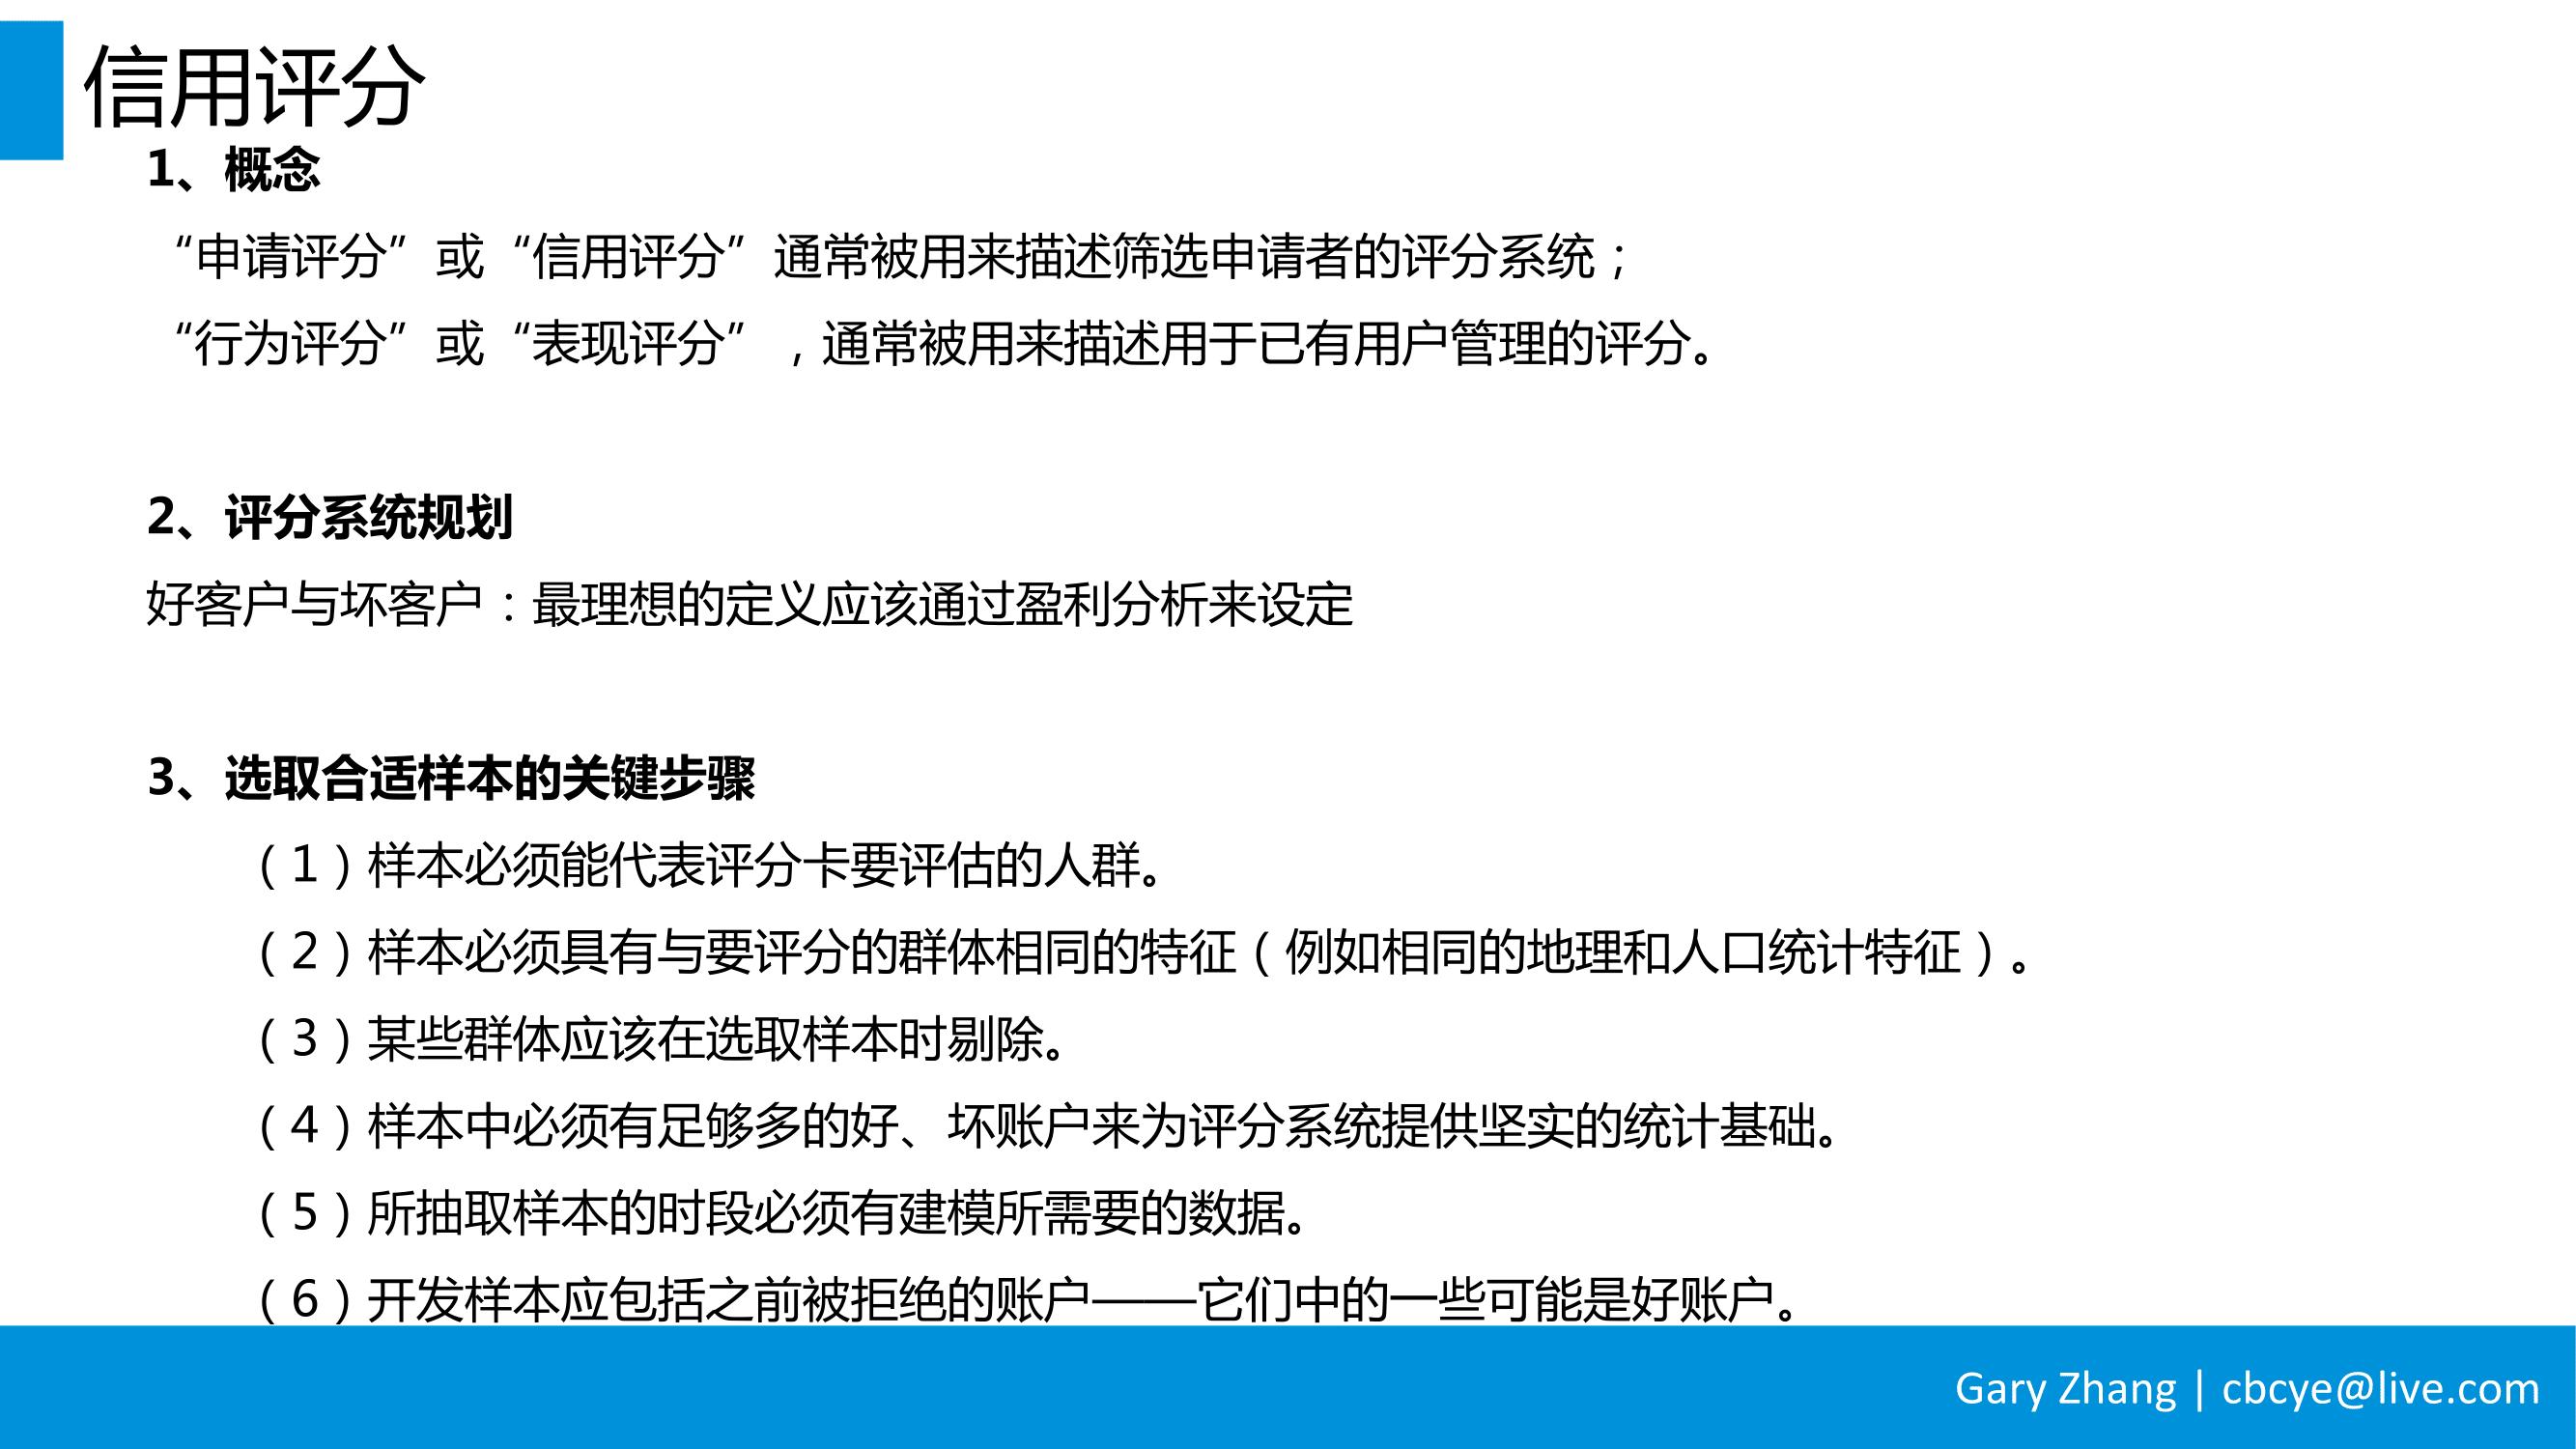 消费金融业务全流程指南_v1.0-026